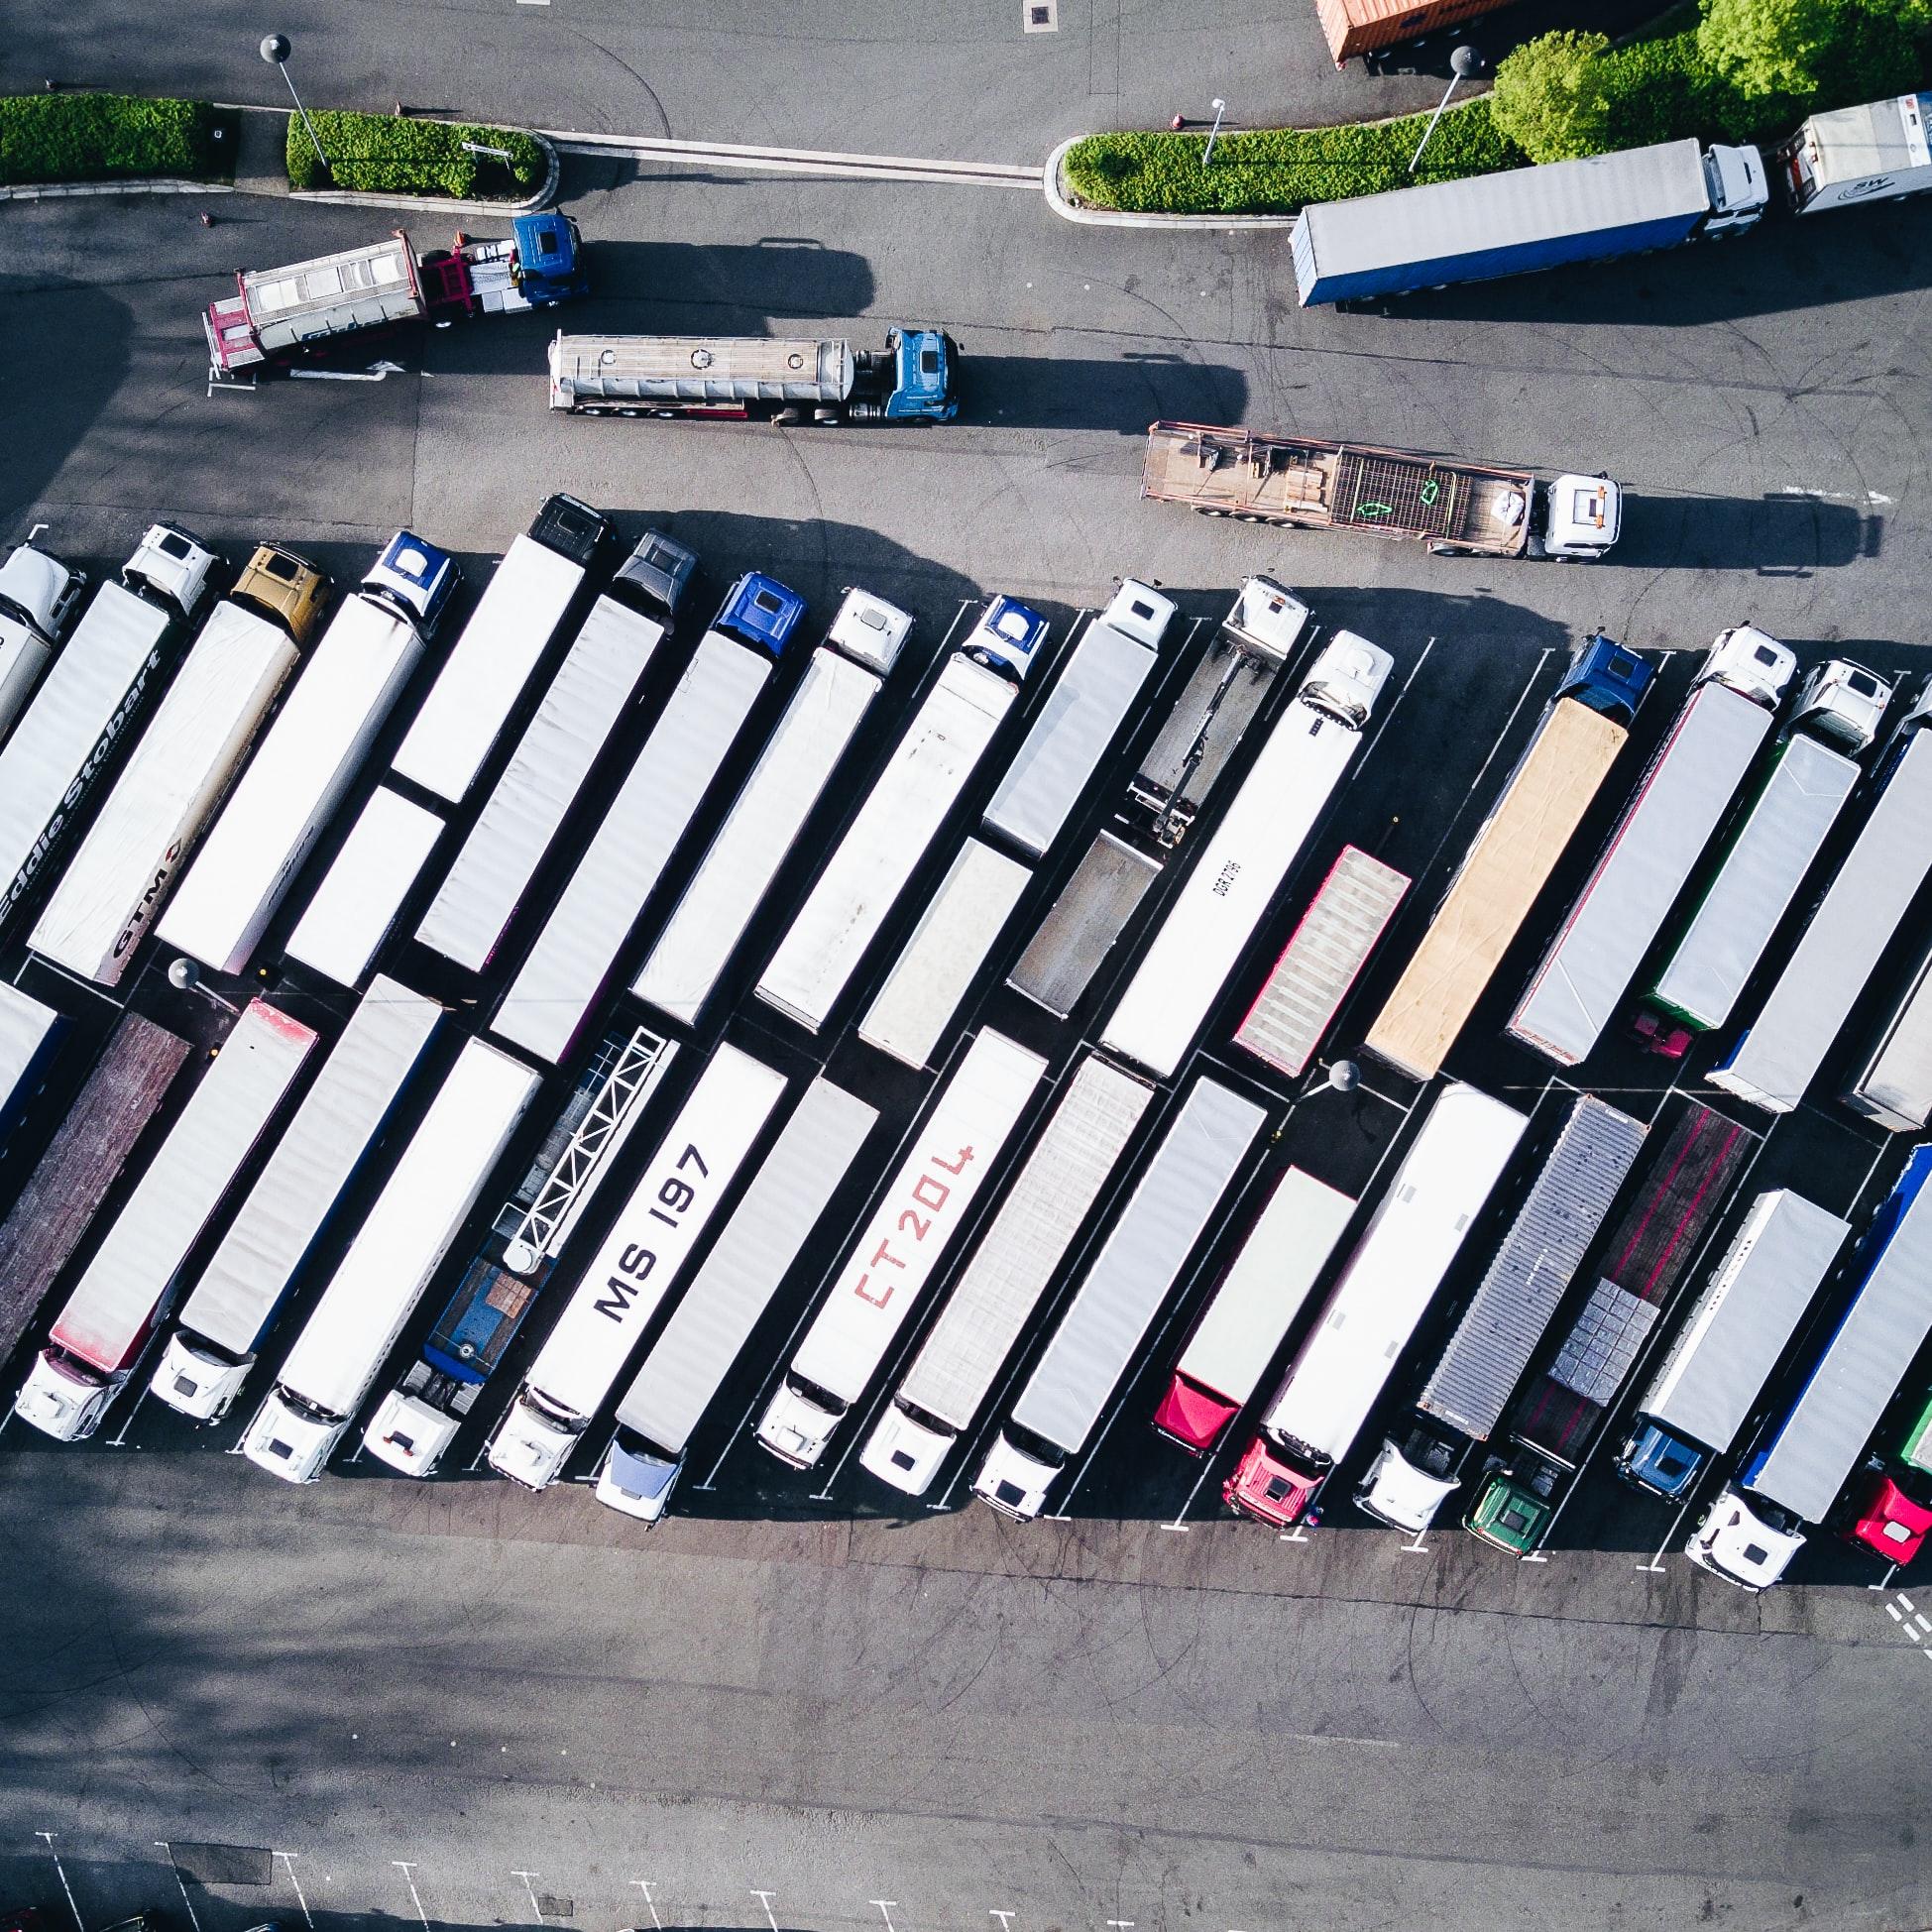 Van Dessel Fleet Solutions